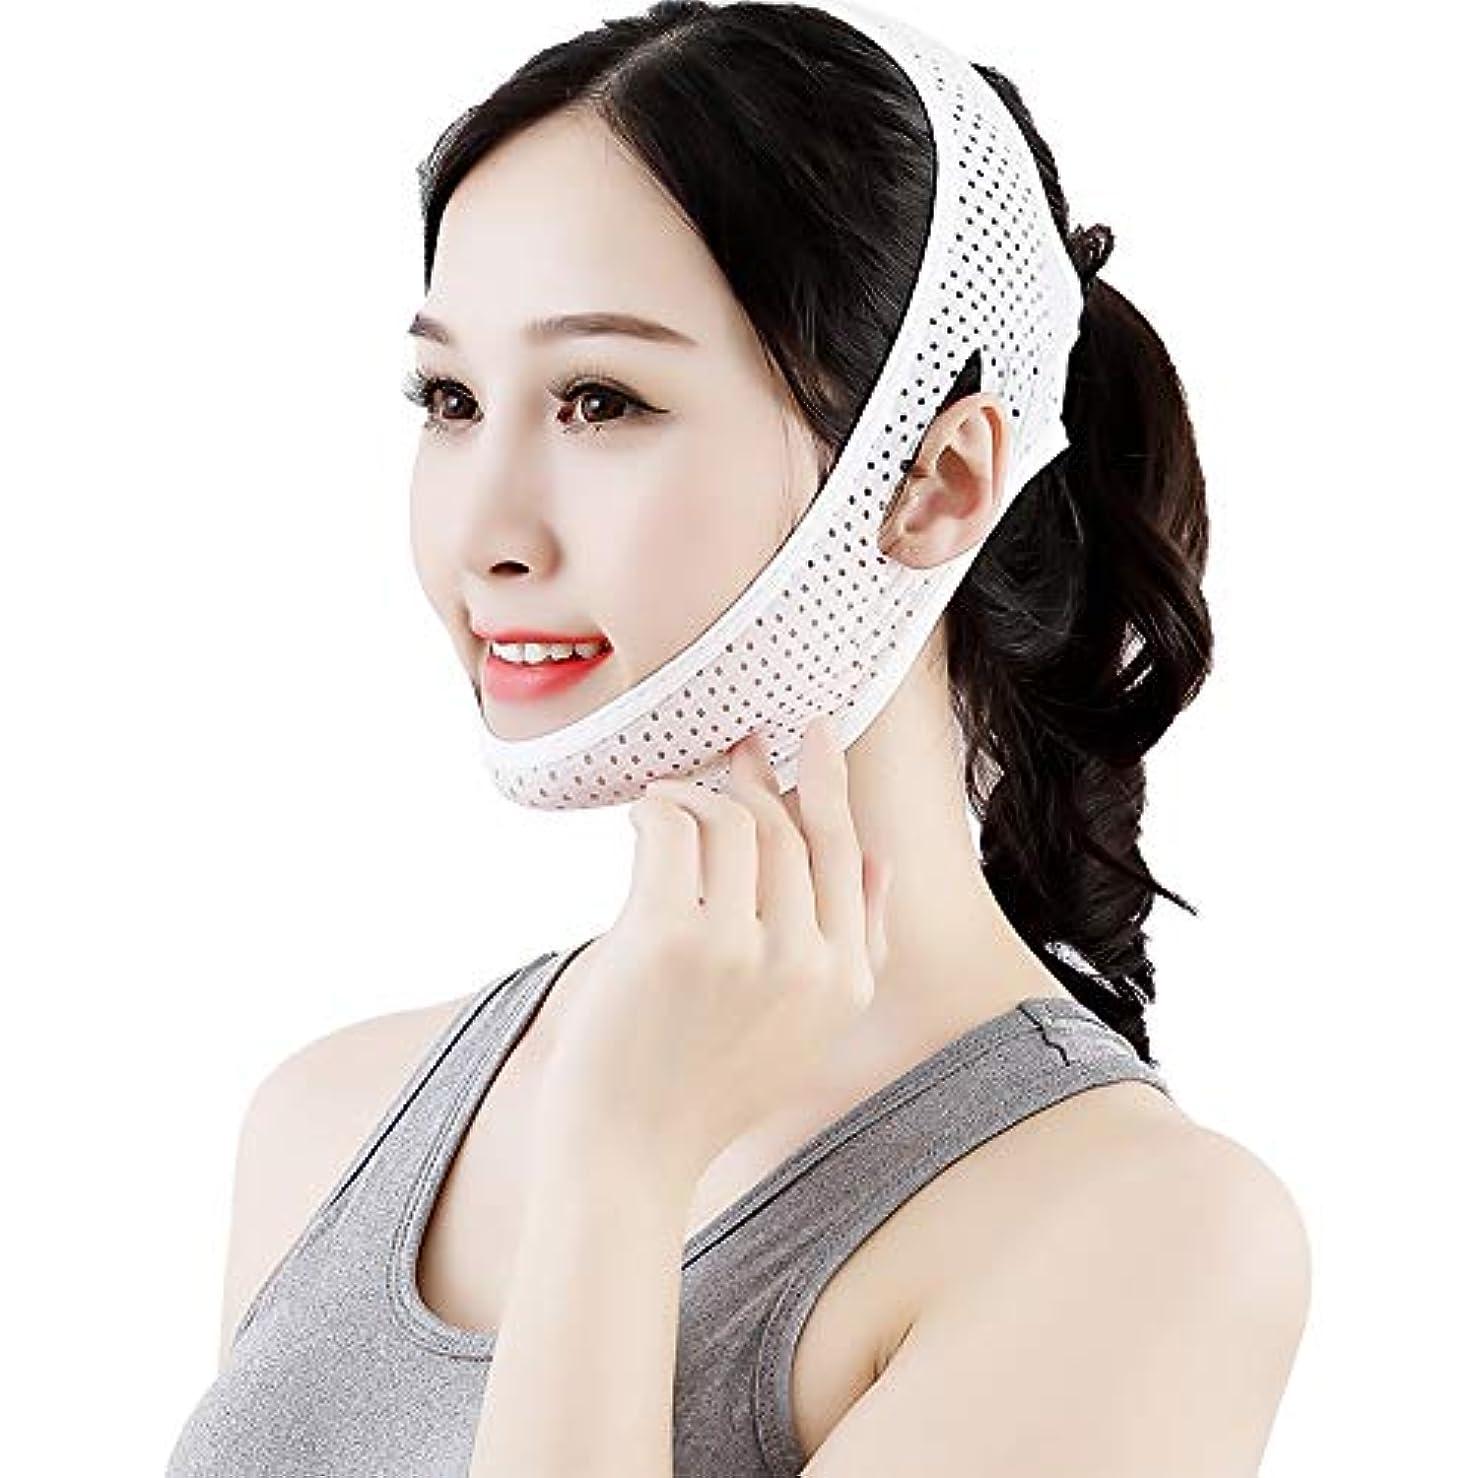 幸運な報復目を覚ますZPSM 薄くて軽い フェイスリフティングベルト、物理的なプラスチックスリープ薄い顔の包帯ダブルチンリデューサーフェイス美容リフティングファーミングストラップマスク (Color : A)